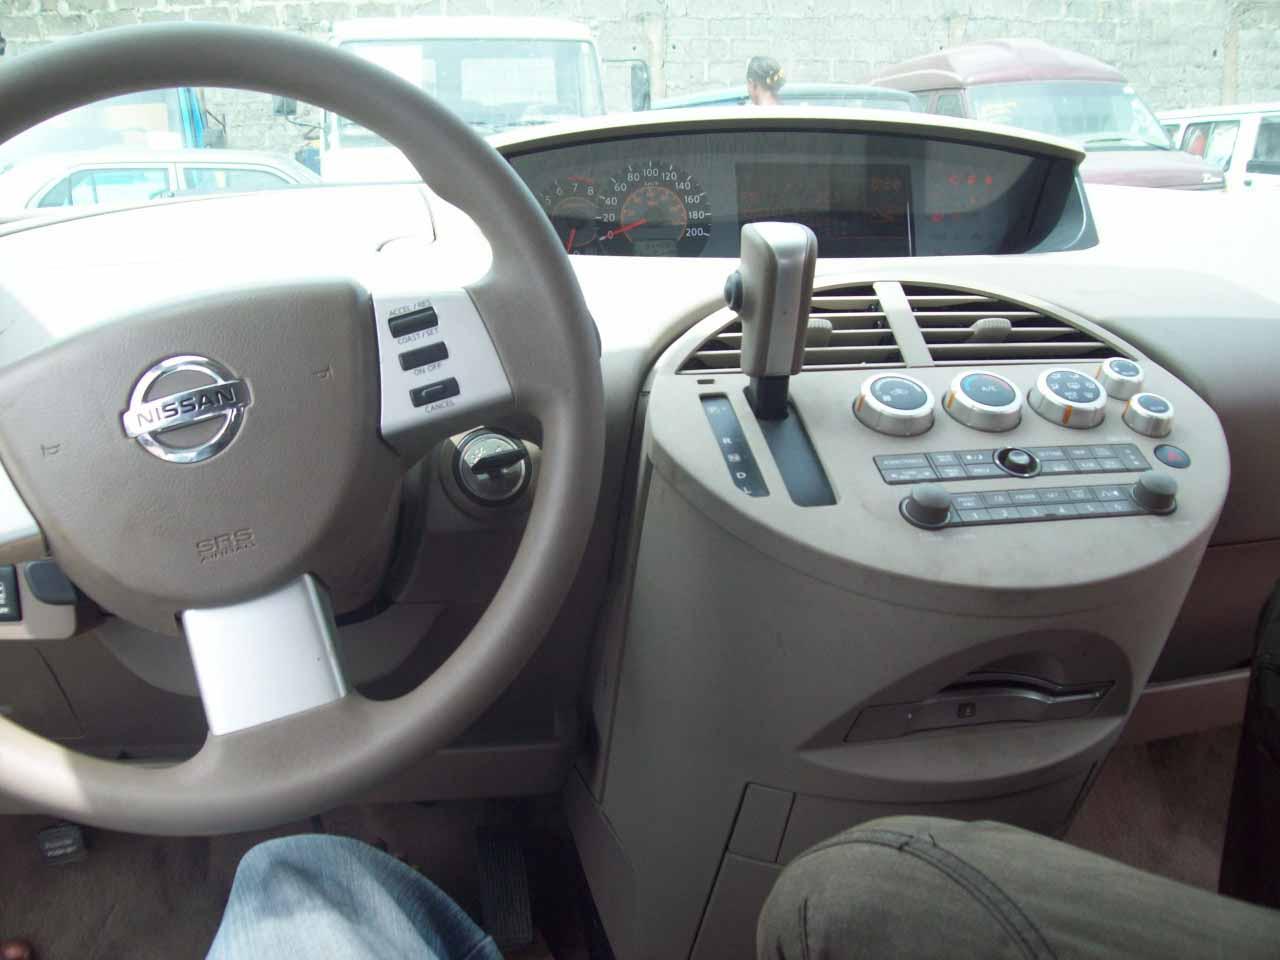 Nissan Quest 2005 Autos Nigeria